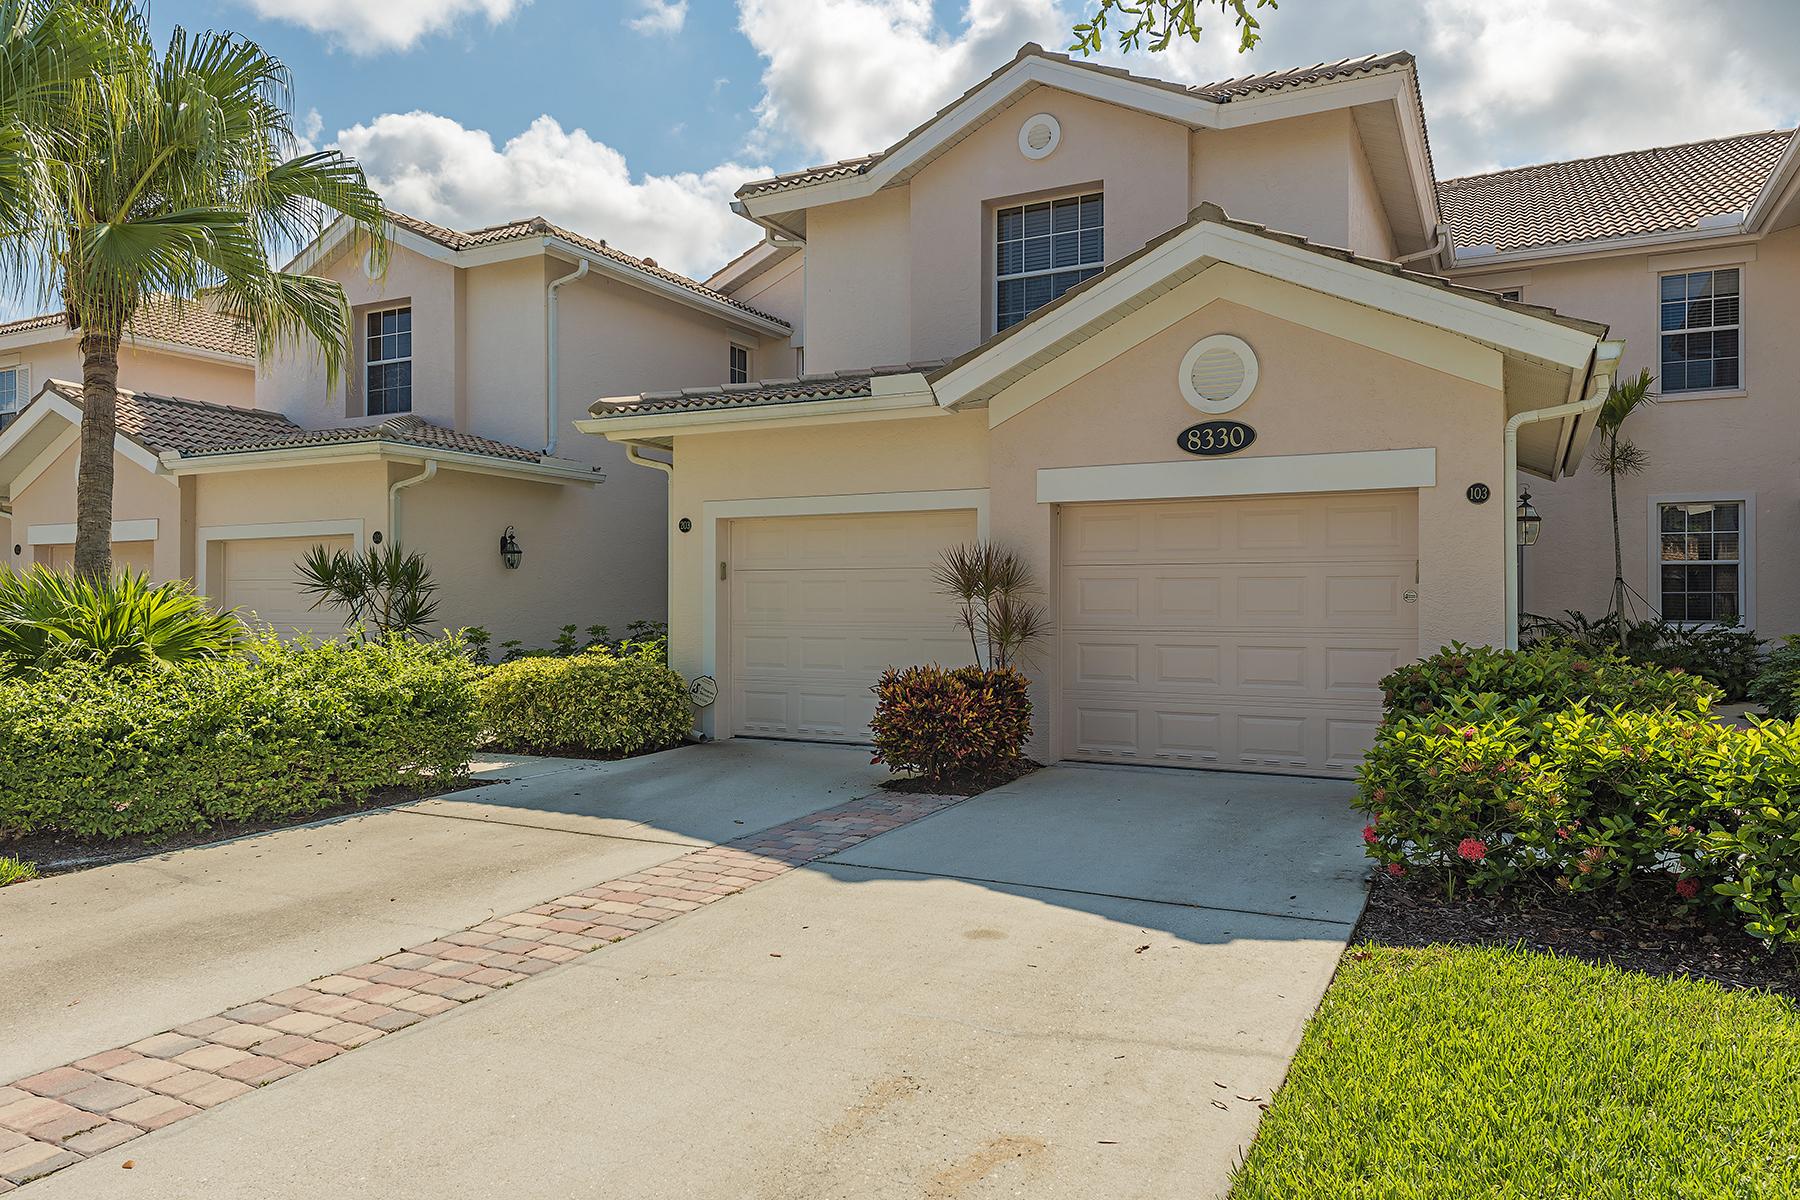 Eigentumswohnung für Verkauf beim FIDDLER'S CREEK - WHISPER TRACE 8330 Whisper Trace Way 103 Naples, Florida, 34114 Vereinigte Staaten